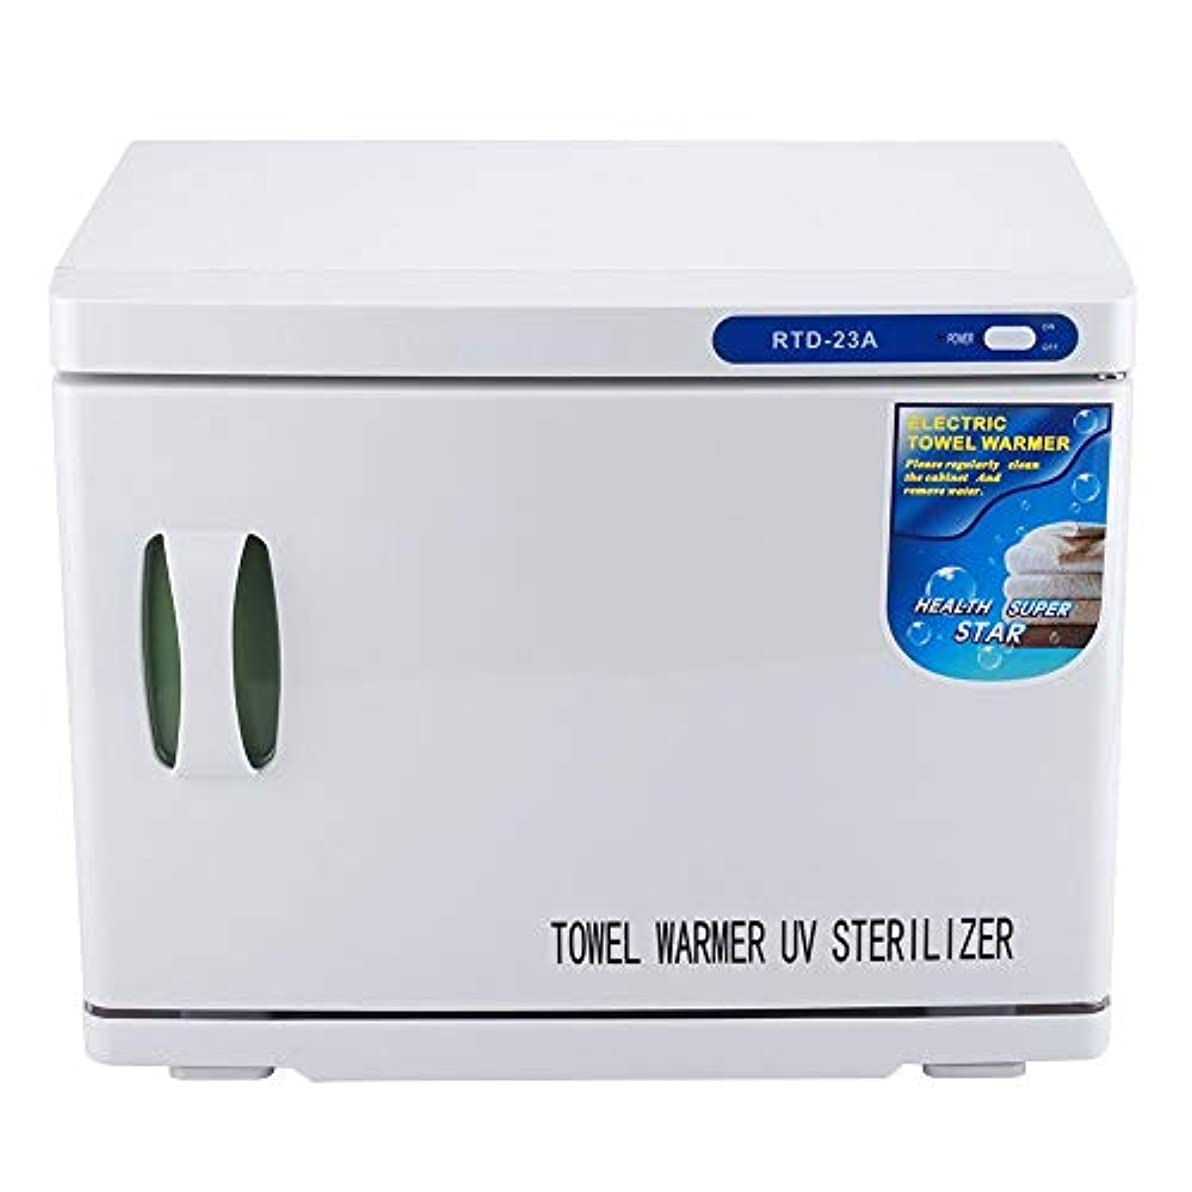 SoarUp 【23L】 タオルウォーマー タオル殺菌機 クリーンシステム 衣類用 家庭用 タオル 下着 靴下 おもちゃ 歯ブラシ 消毒 使いやすい ホワイト 45×29×35cm / 17.7×11.4×13.8インチ...